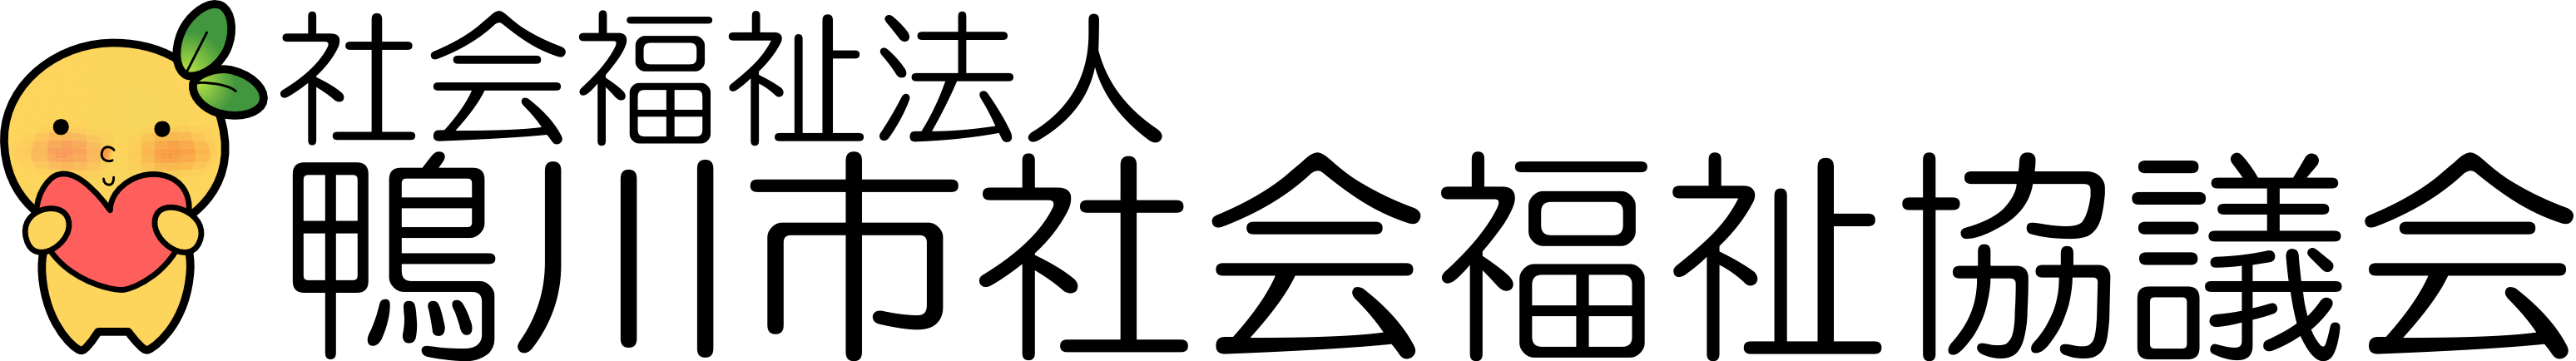 鴨川市社会福祉協議会